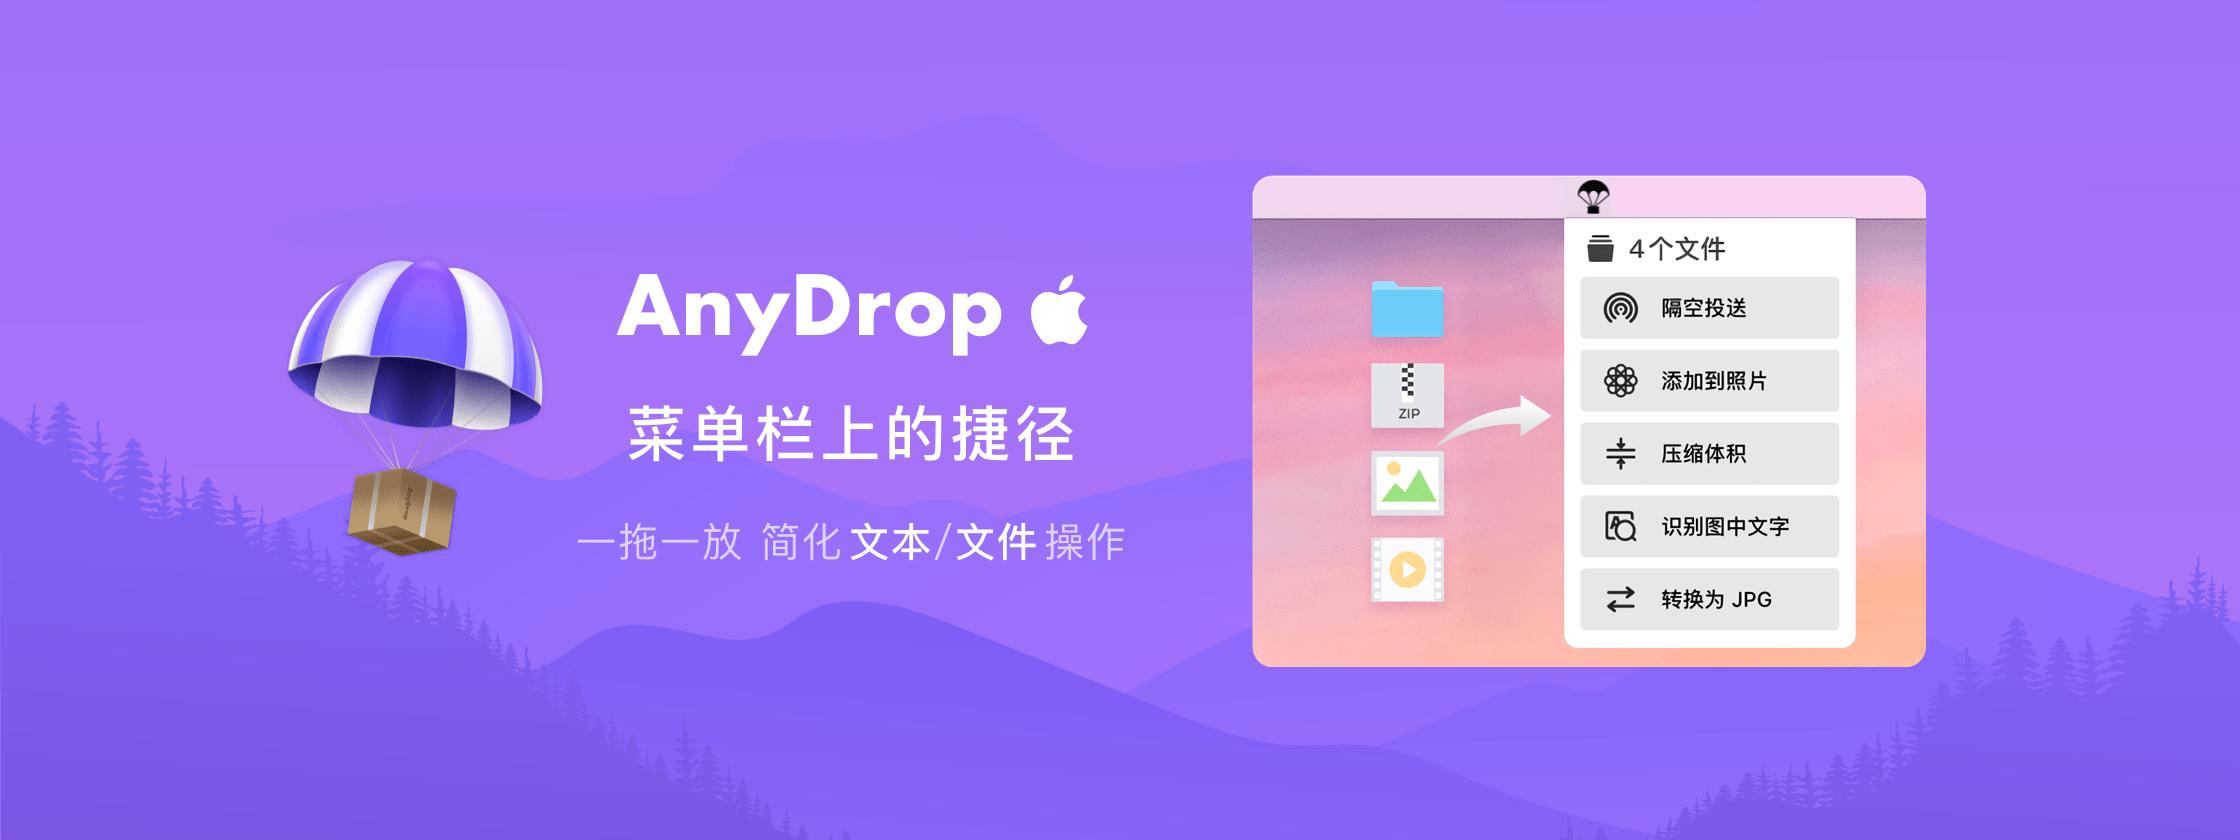 AnyDrop – 一拖一放,菜单栏上的快捷工具箱